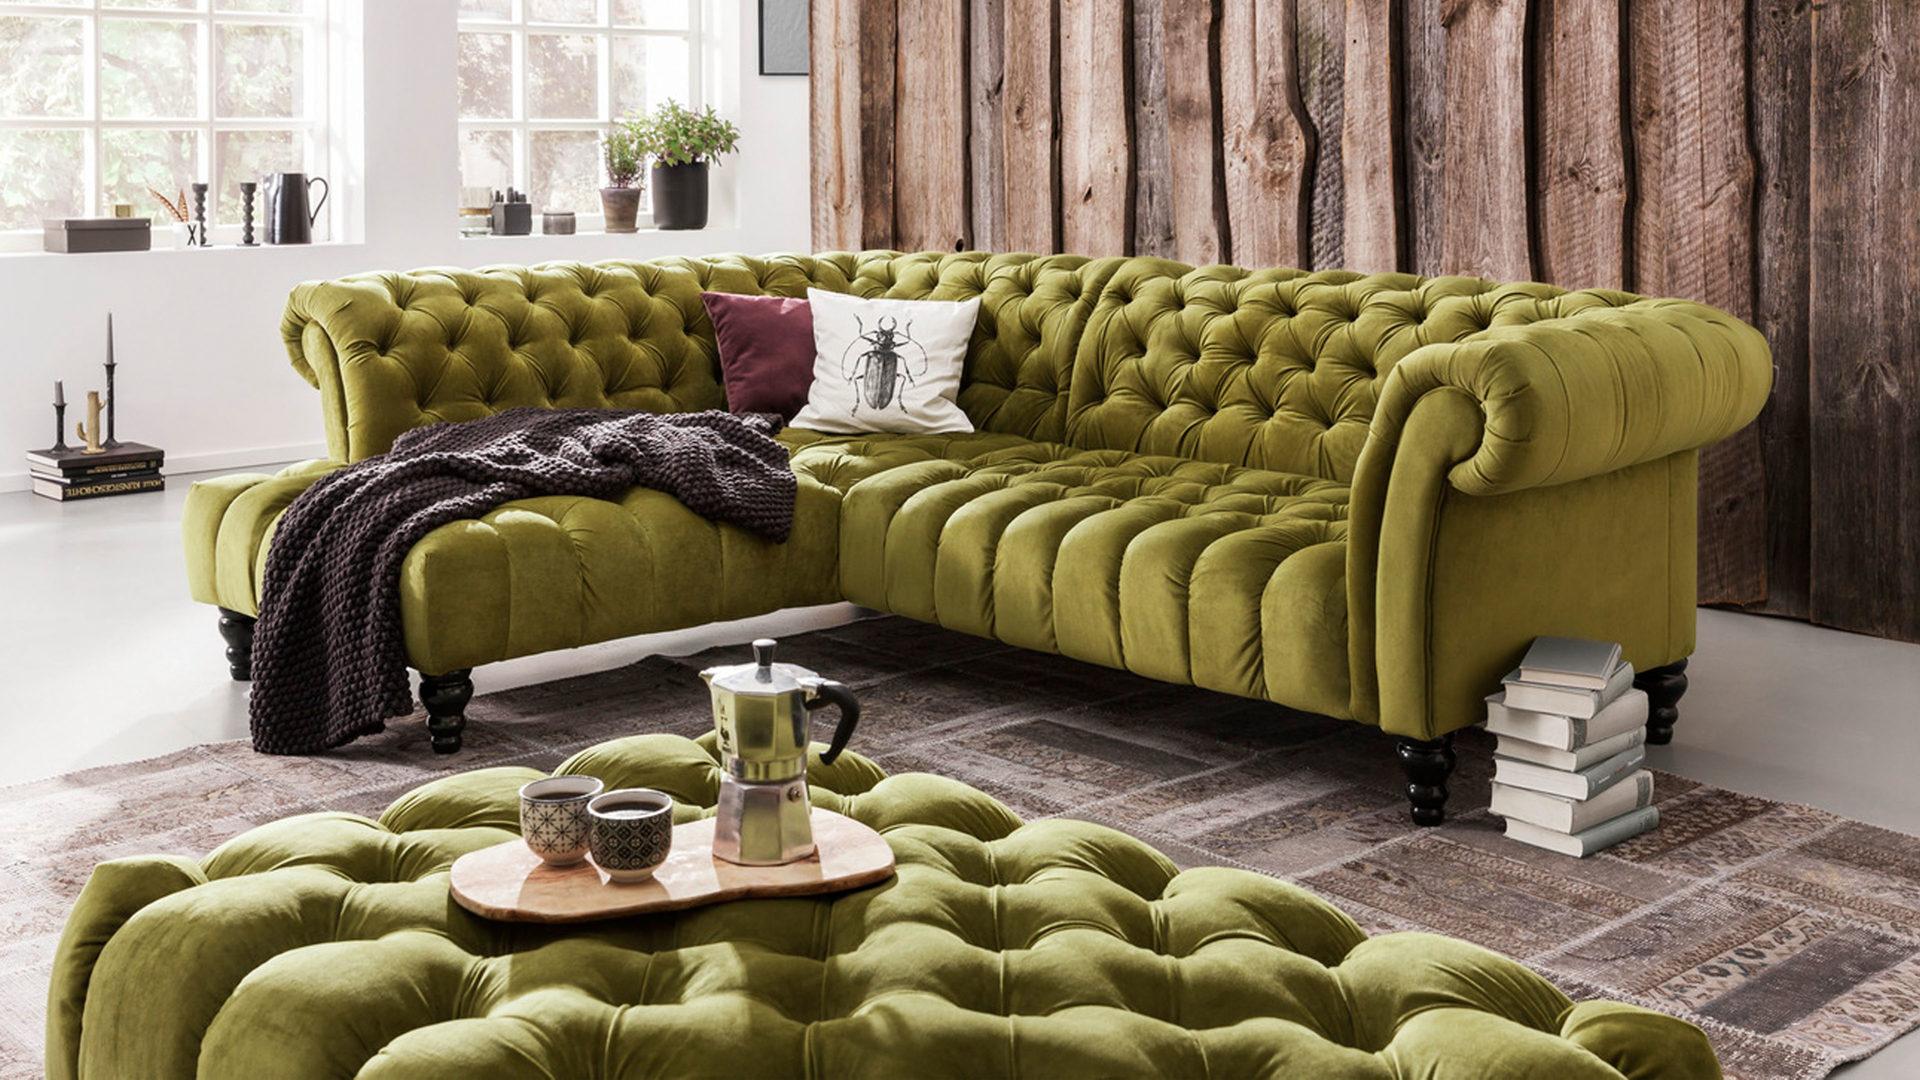 Stil Sofas möbel bernskötter mülheim möbel a z couches sofas ecksofas